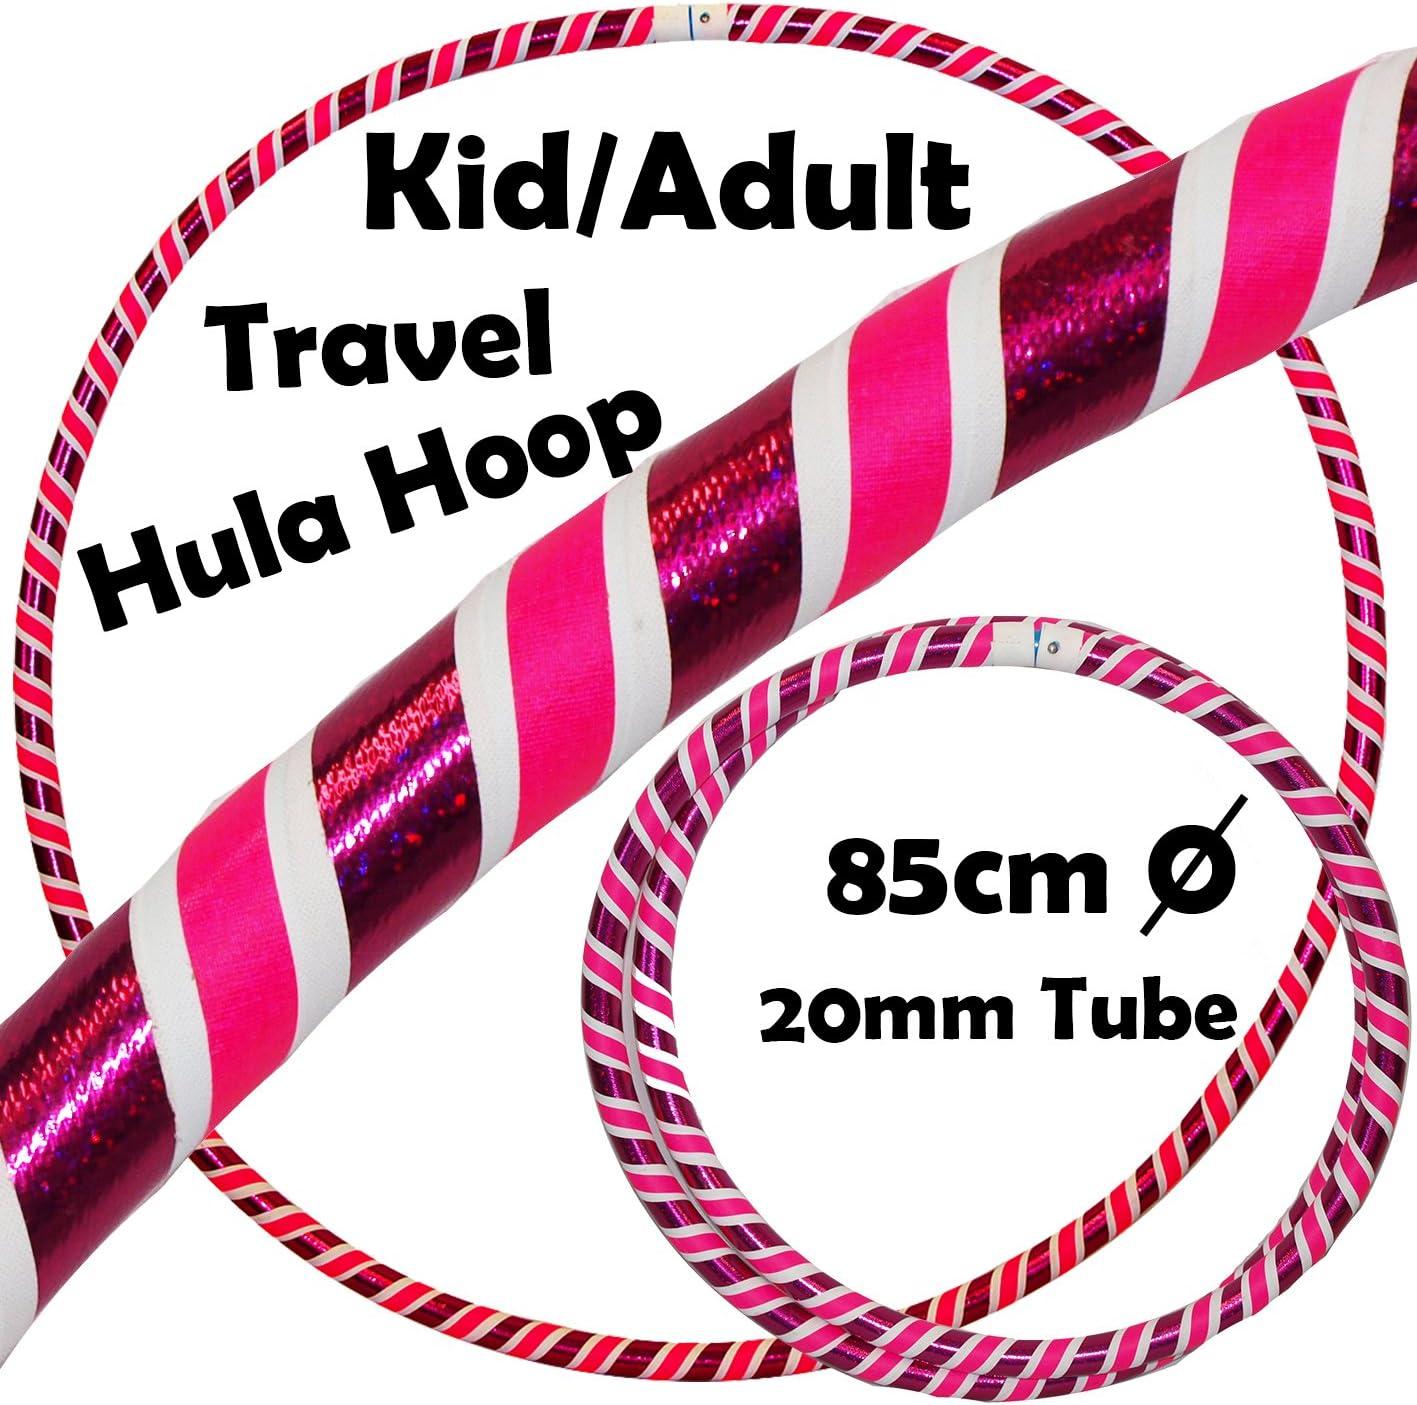 Pro Kids Collapsible Hula Hoop Pliant Diam:85cm Lest/é: 600g pour Aerobic et Hoop Danse Ultra-Grip//Glitter Sac de Voyage 4 Pi/èces Pliable Fitness Enfant Voyage Hula Hoop Pond/ér/é